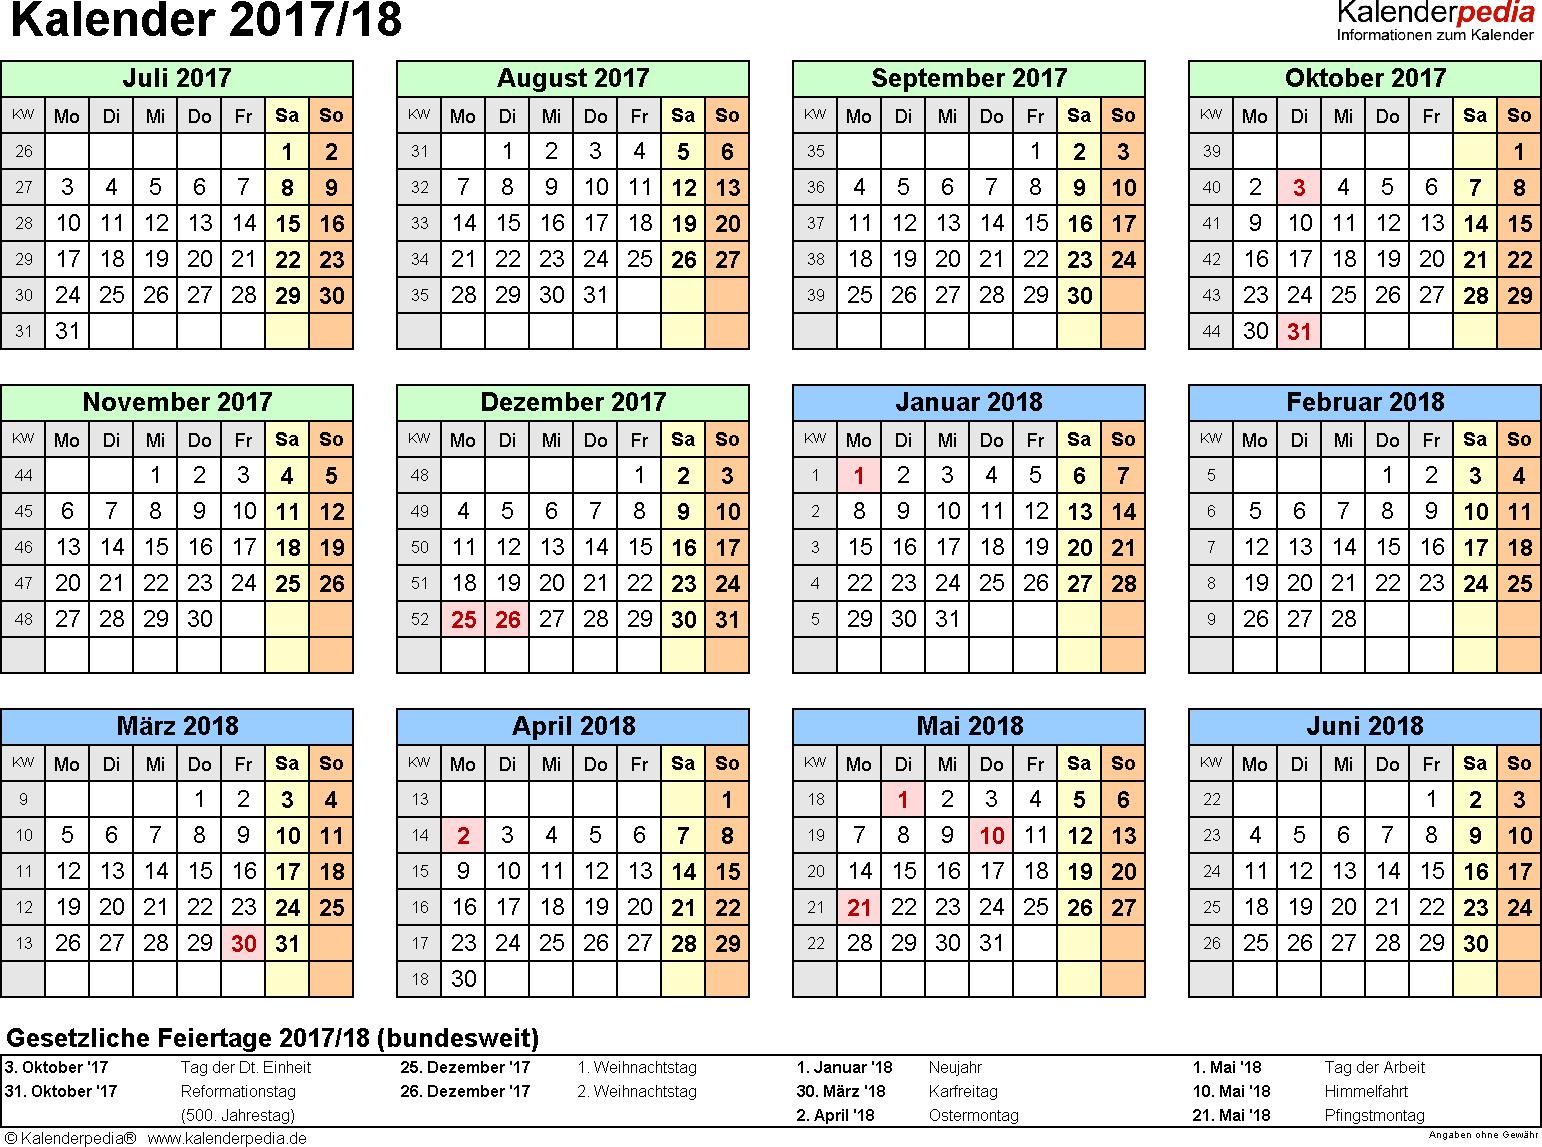 PDF-Vorlage für Halbjahr-Kalender 2017/2018 (Querformat, 1 Seite, Jahresübersicht)